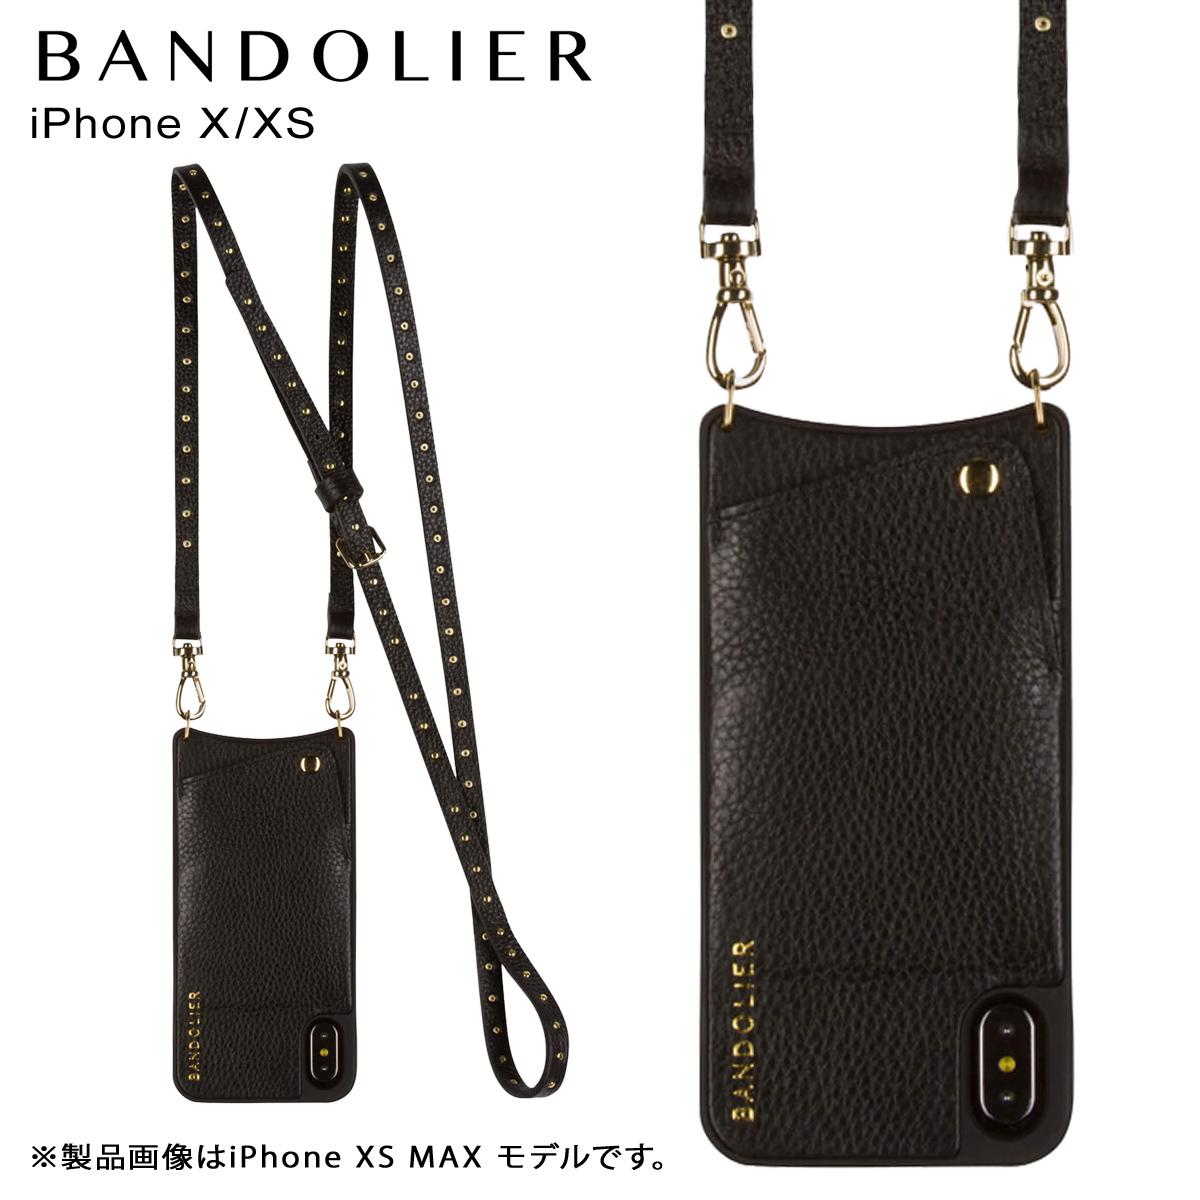 BANDOLIER iPhone XS X NICOLE GOL バンドリヤー ケース ショルダー スマホ アイフォン レザーD メンズ レディース ブラック 10NIC1001 [予約商品 4月下旬頃入荷予定 再入荷]